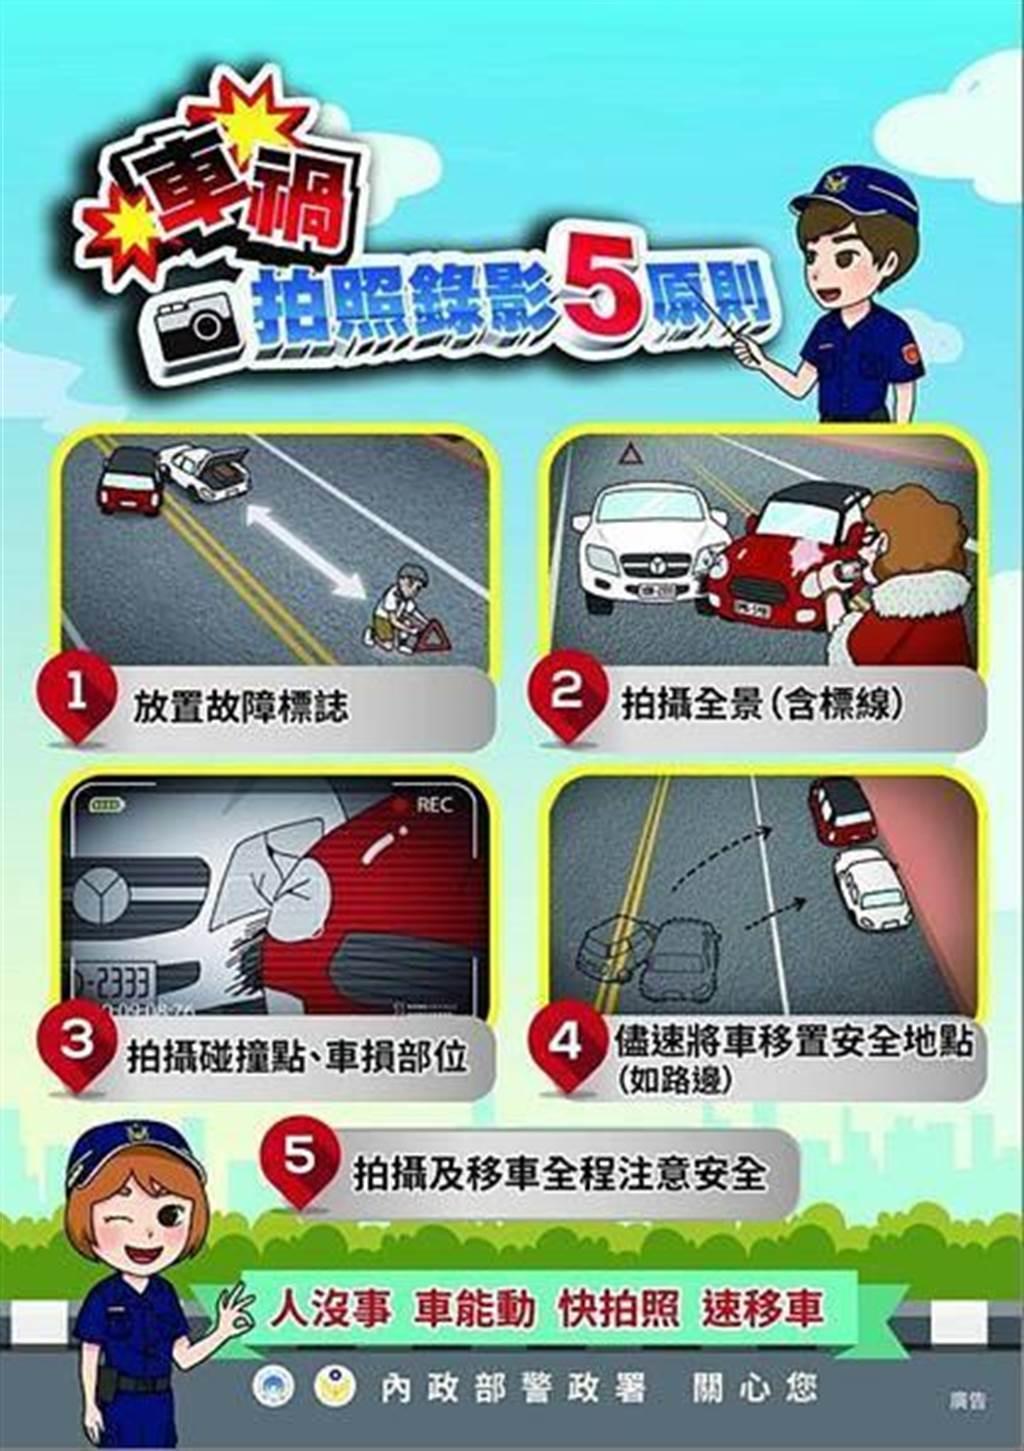 警教民眾處理交通事故5字訣:「放、撥、劃、移、等」保安全。(台中市政府提供/張妍溱台中傳真)